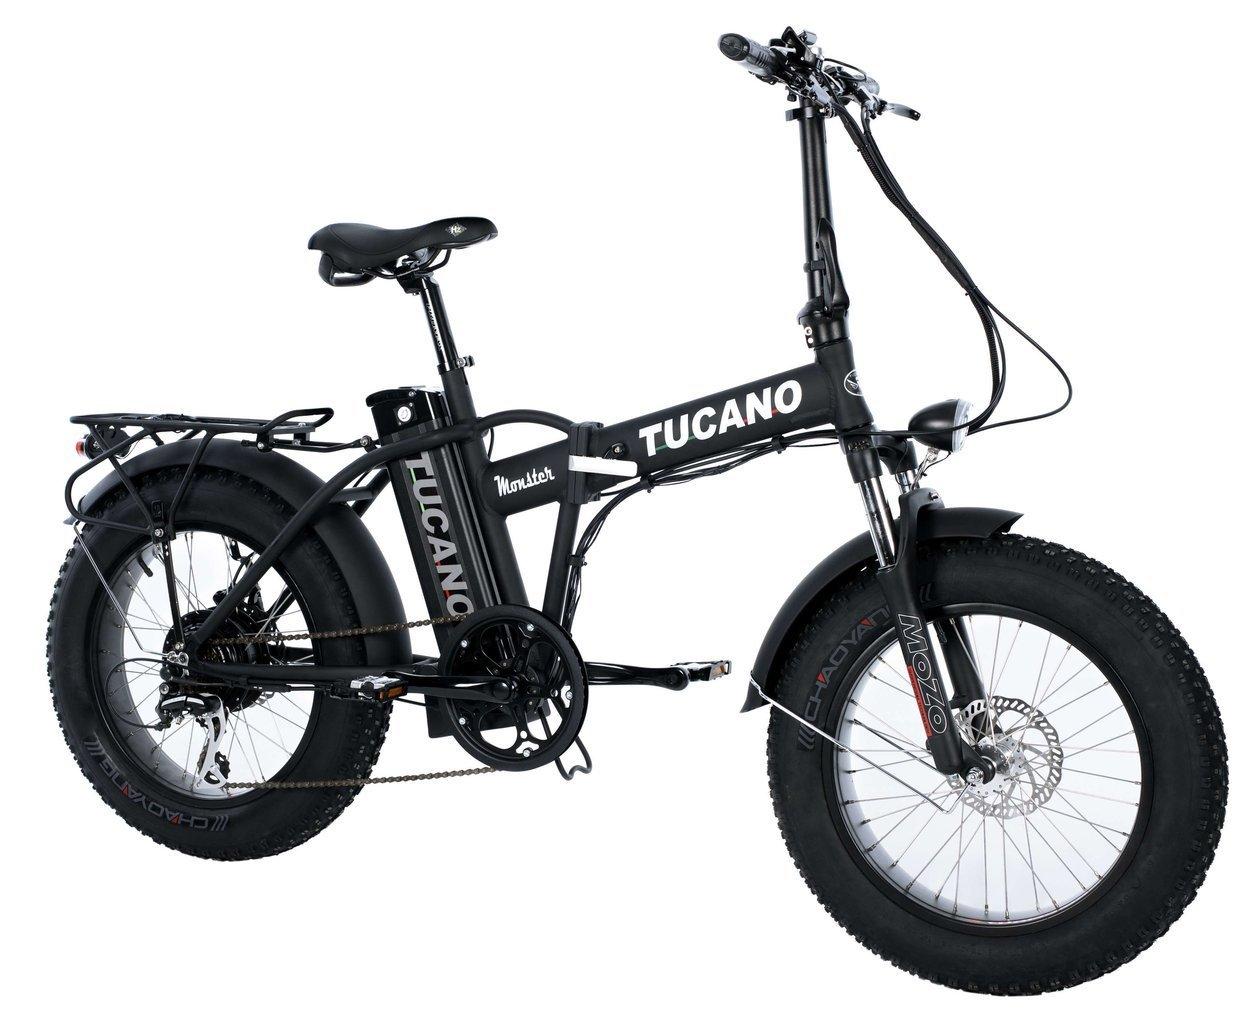 713c8bbe034bb ... Monster 20 LTD - TUCANO - Vélo Électrique ...